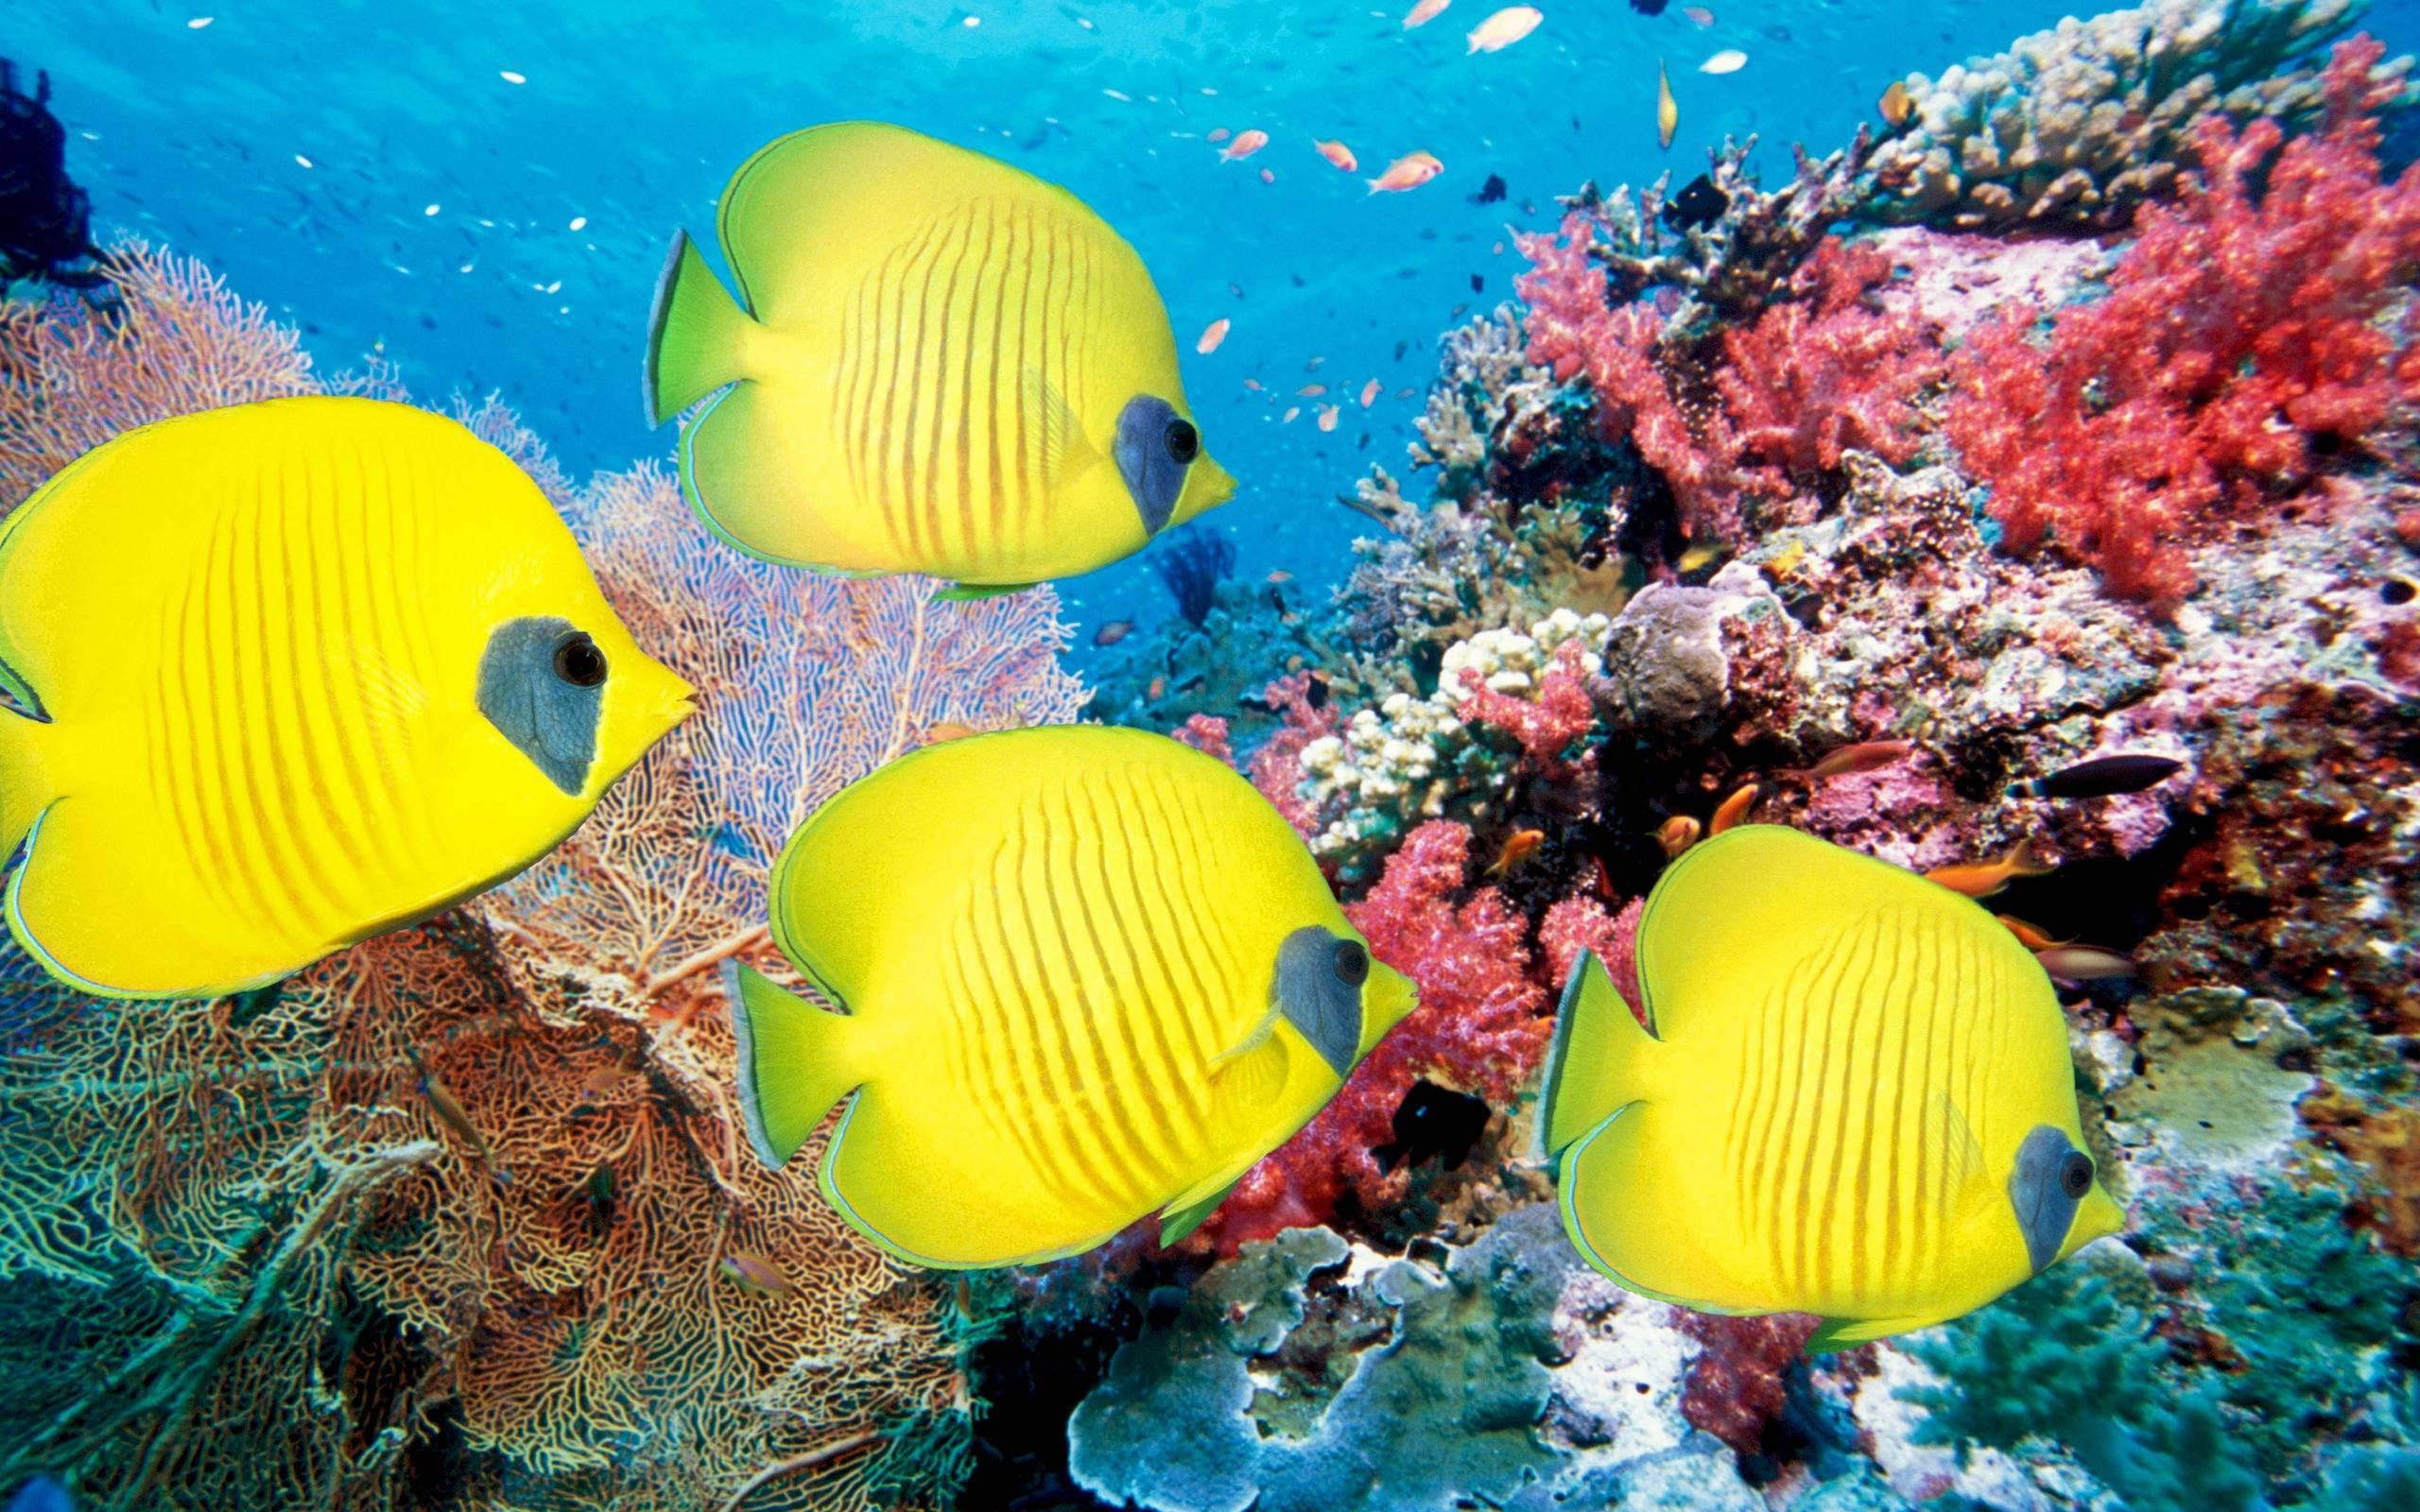 обои желтые рыбы, кораллы, океан картинки фото